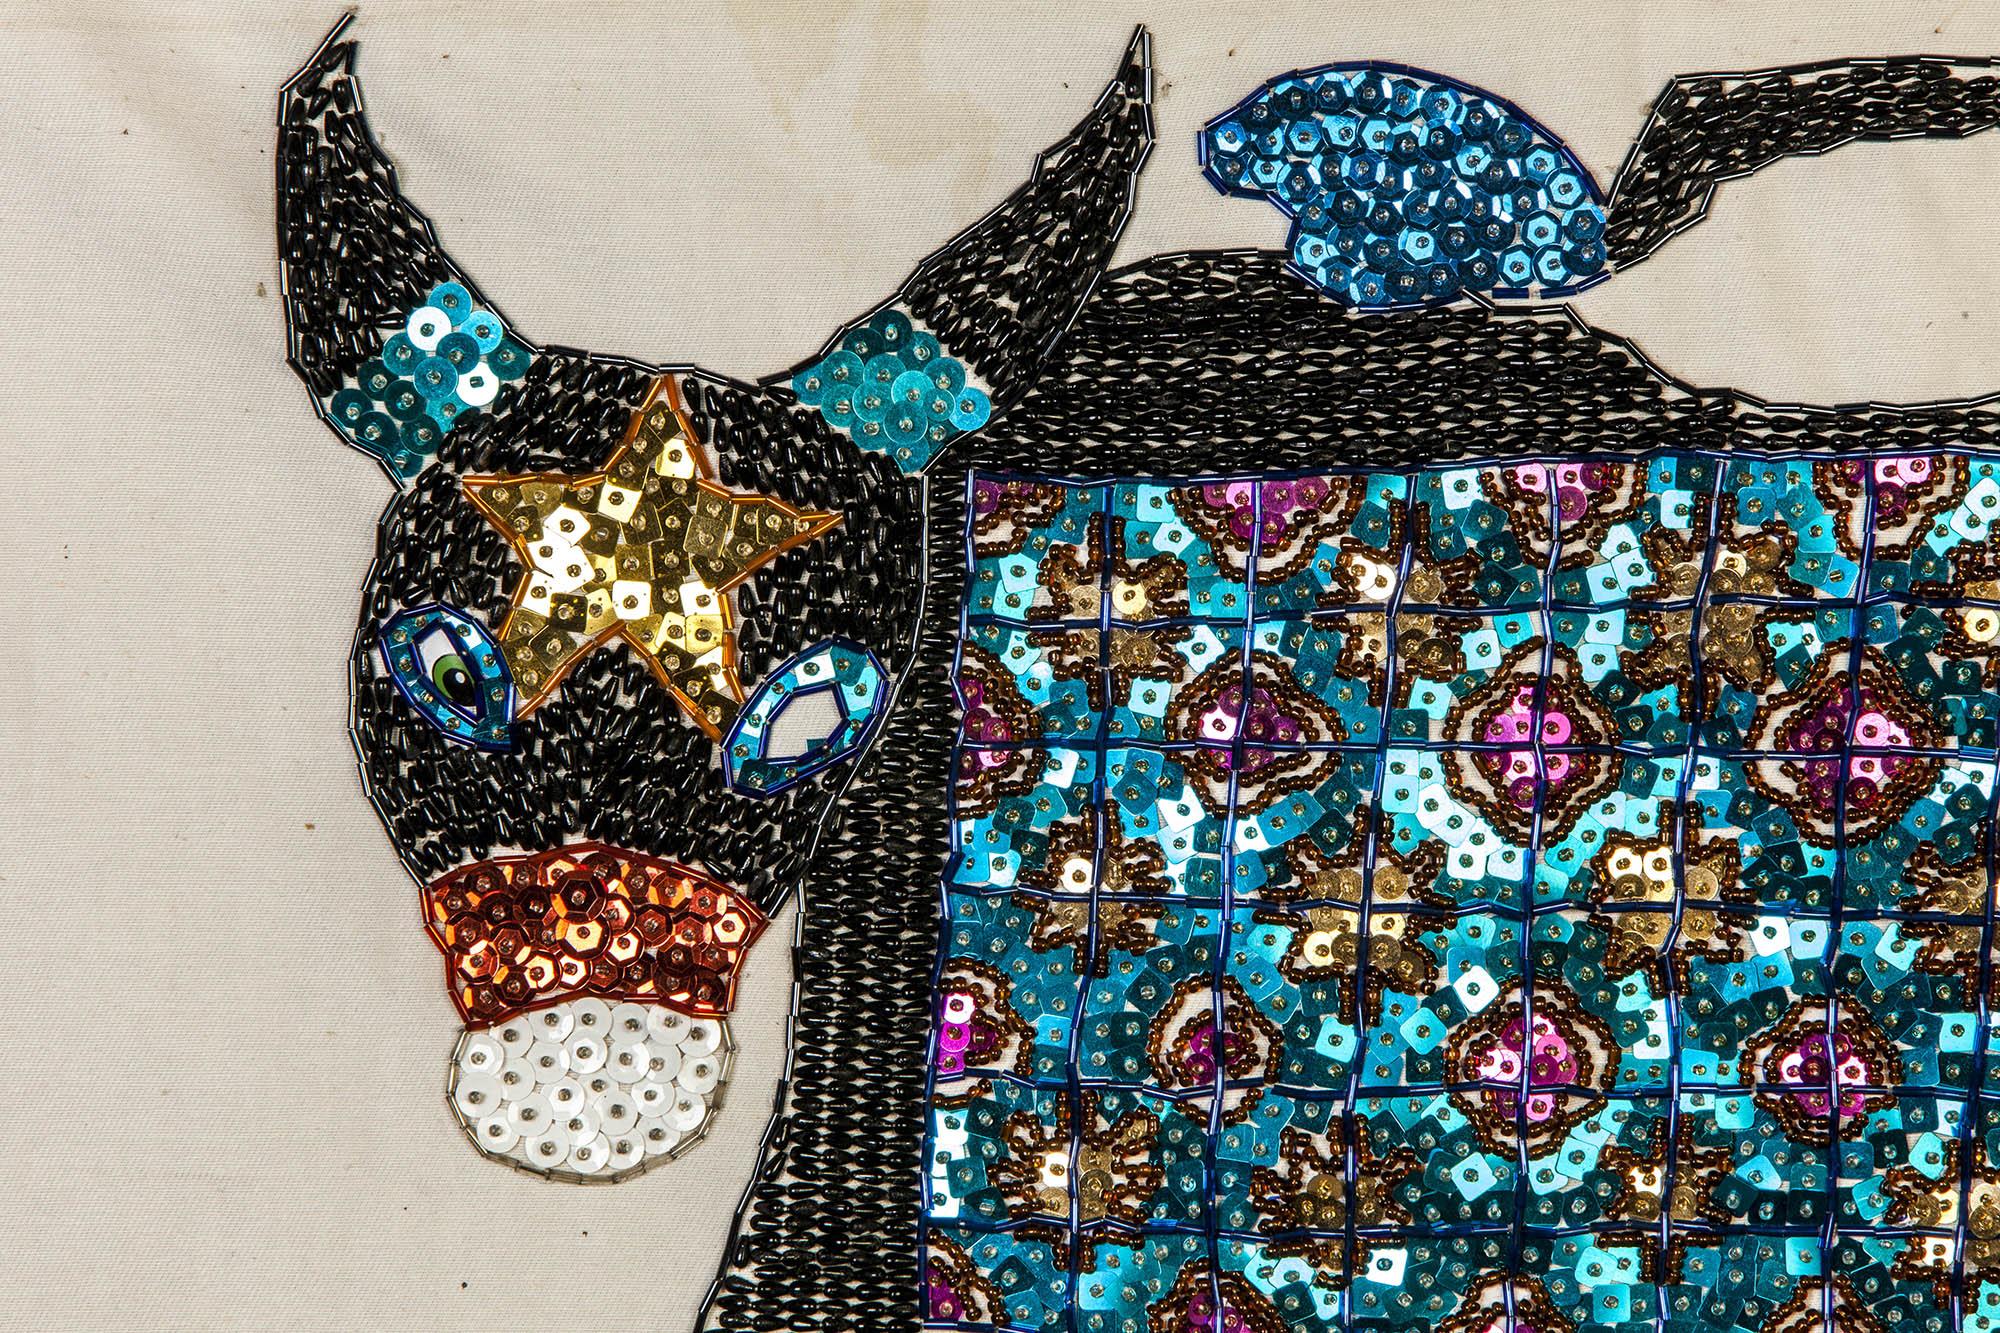 Em Paço do Lmiar, no Maranhão, Douglas Lopes produz peças bordadas com a esposa e as filhas: ponto cruz, bordado com canutilhos e miçangas (crédito da foto: Marcos Muzi)